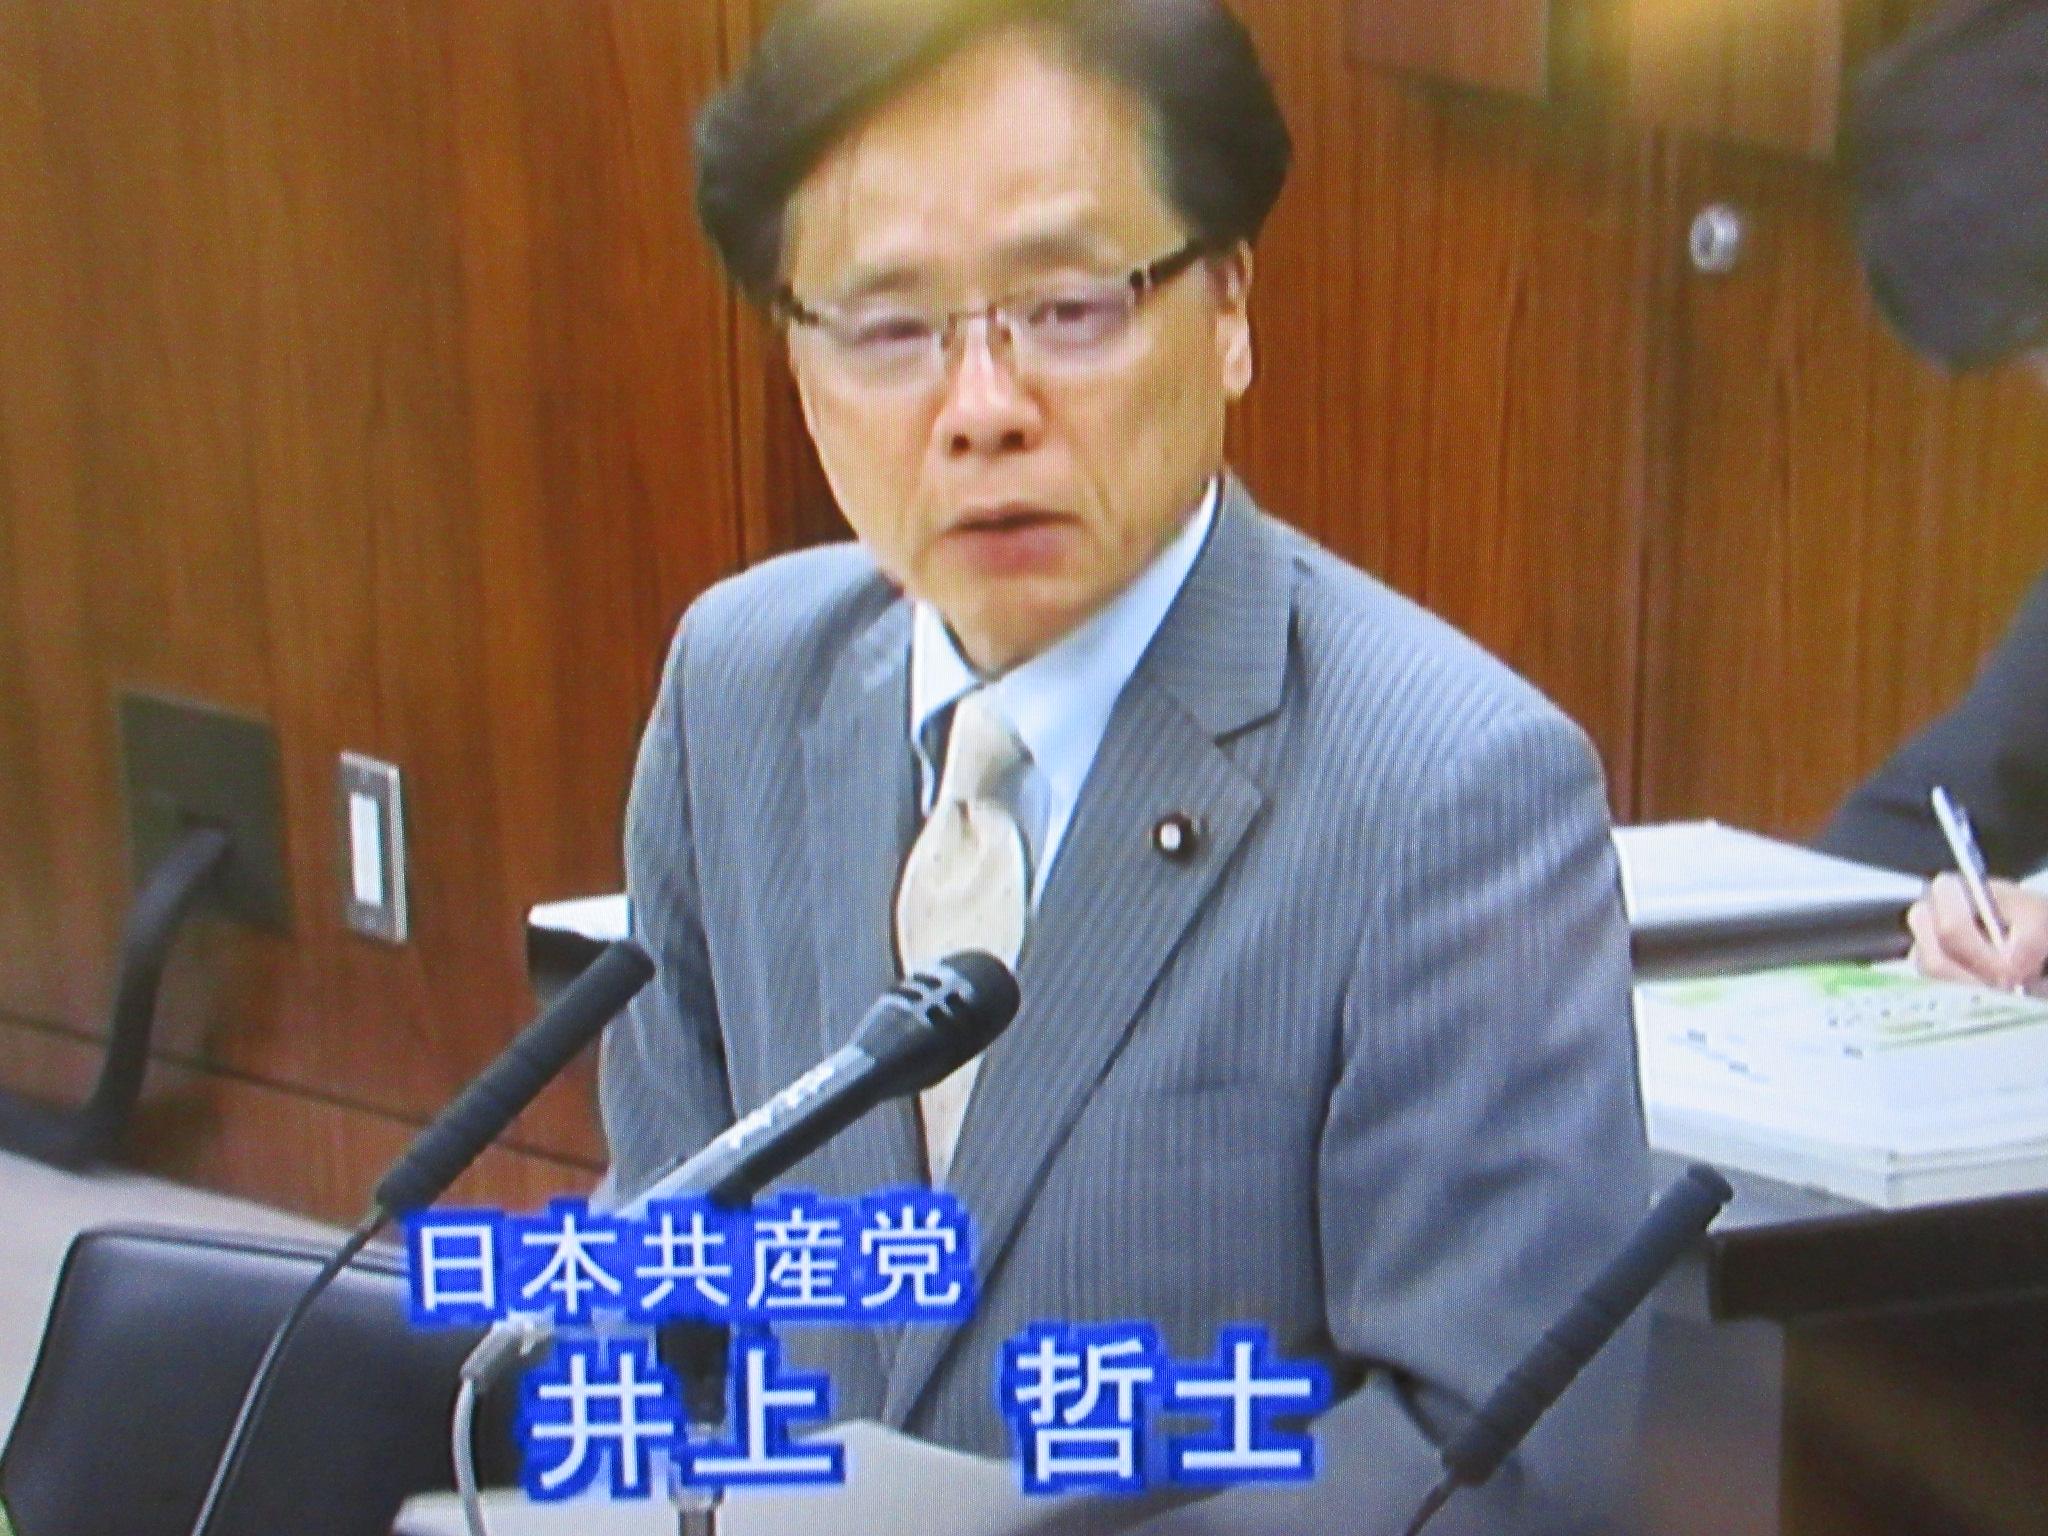 http://www.inoue-satoshi.com/diary/IMG_5032.JPG